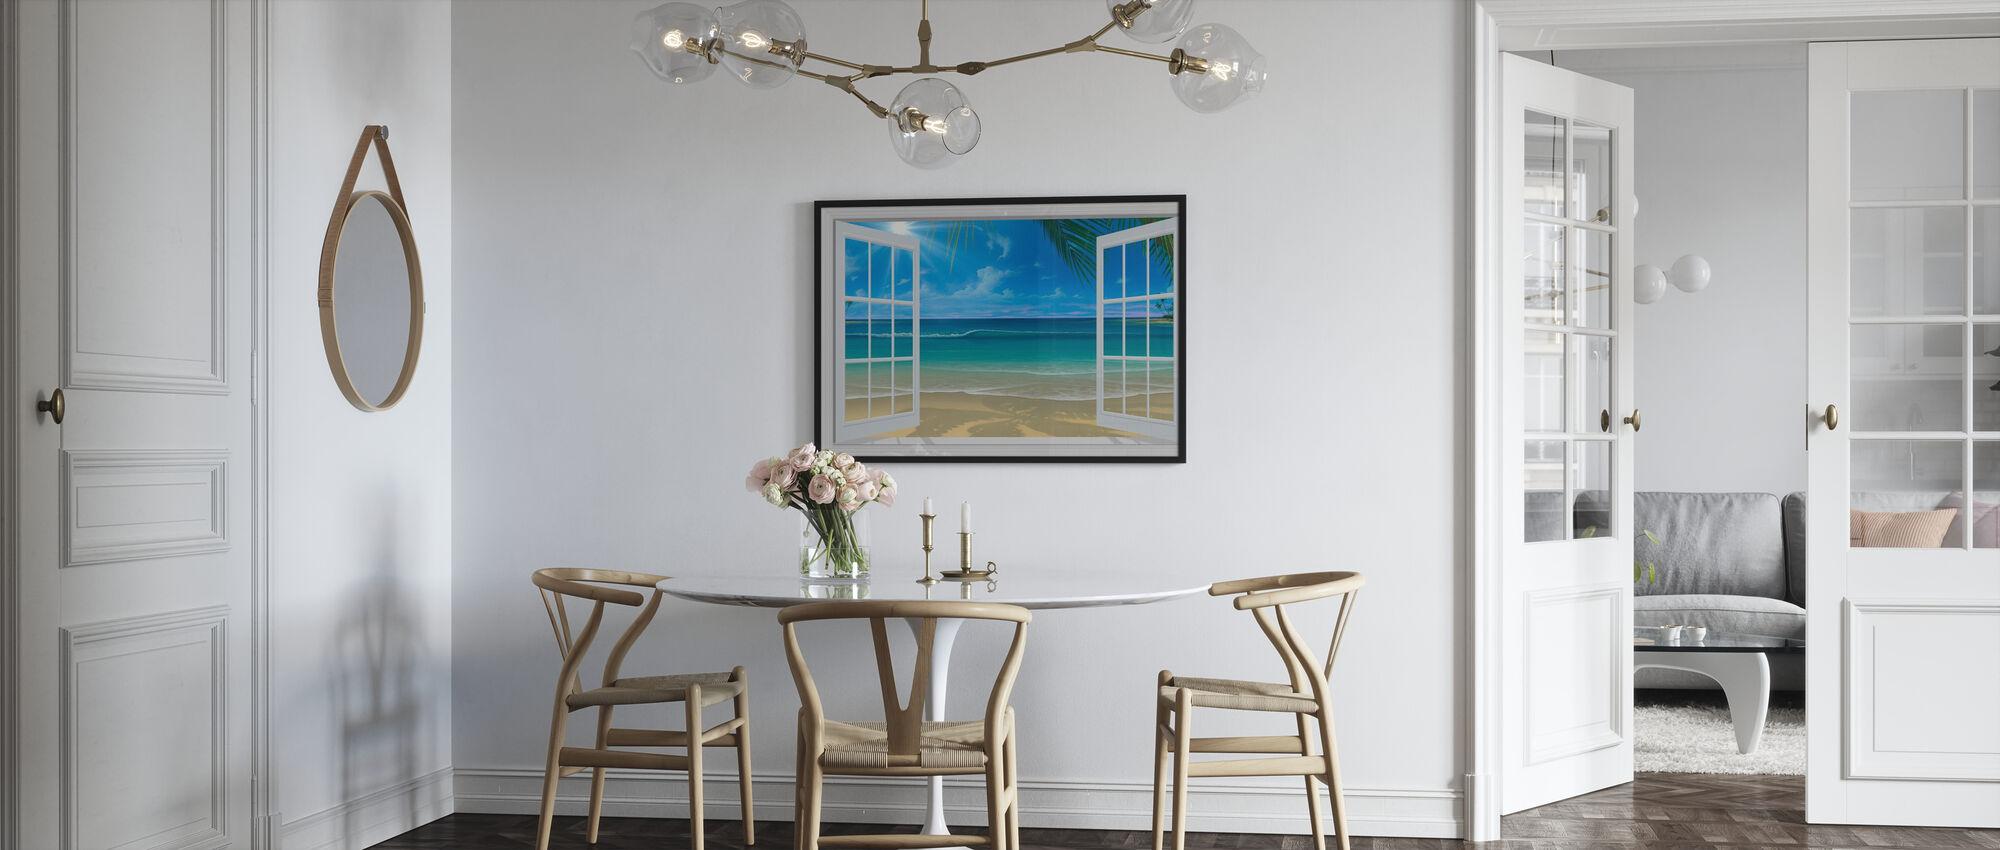 Solsken genom fönster - Inramad tavla - Kök